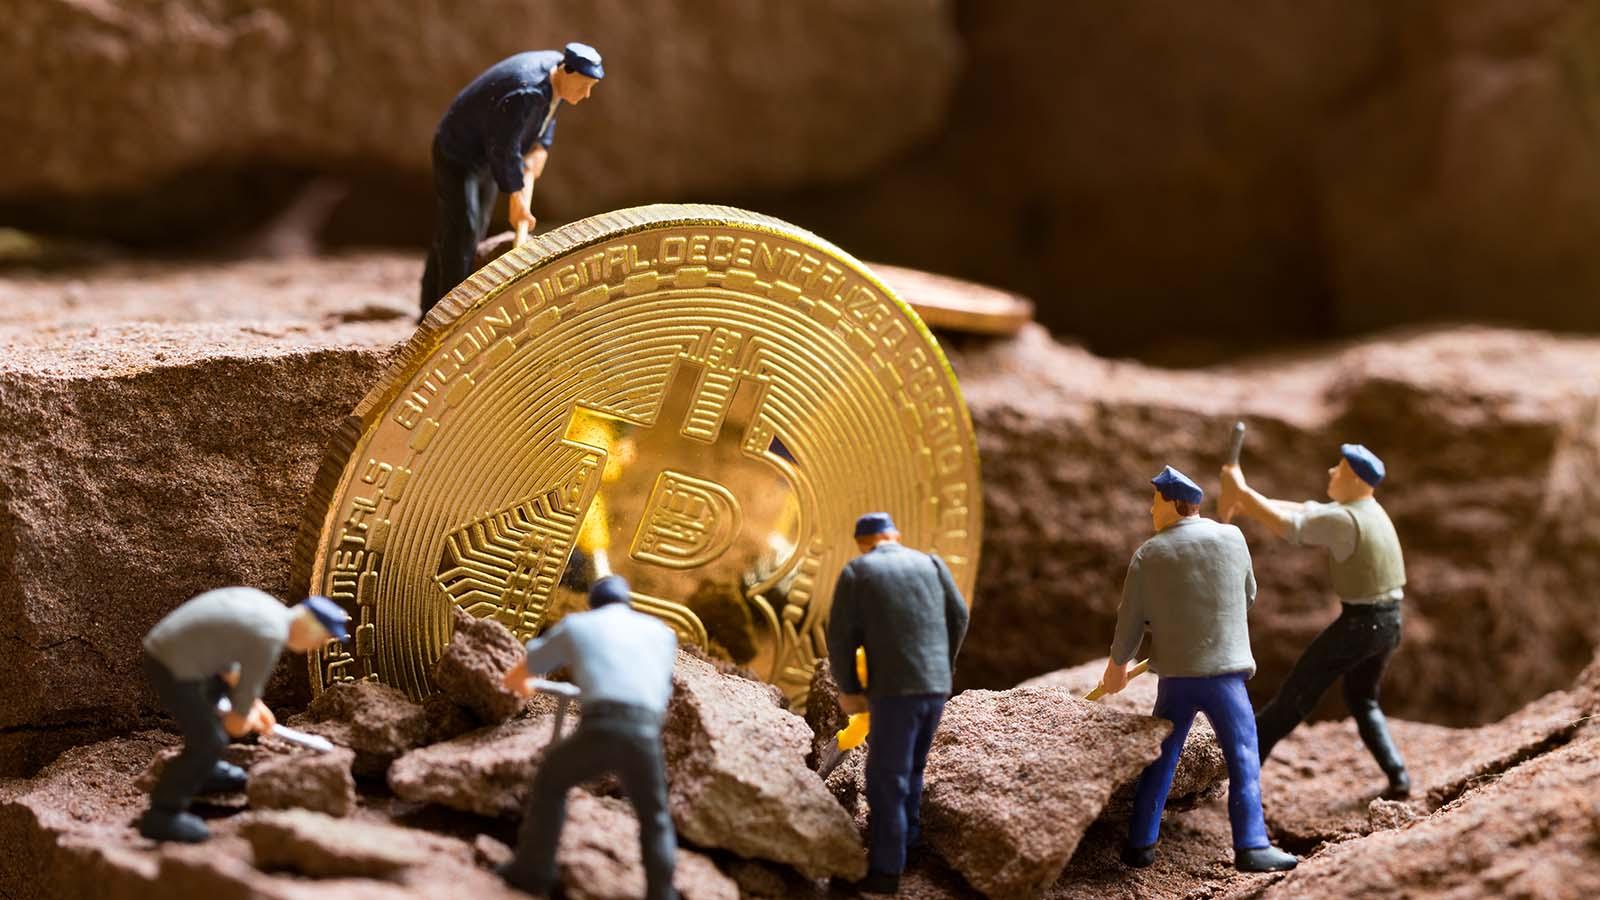 Acciones de PBTS: las enormes noticias de minería de criptomonedas que hacen que Powerbridge se eleve